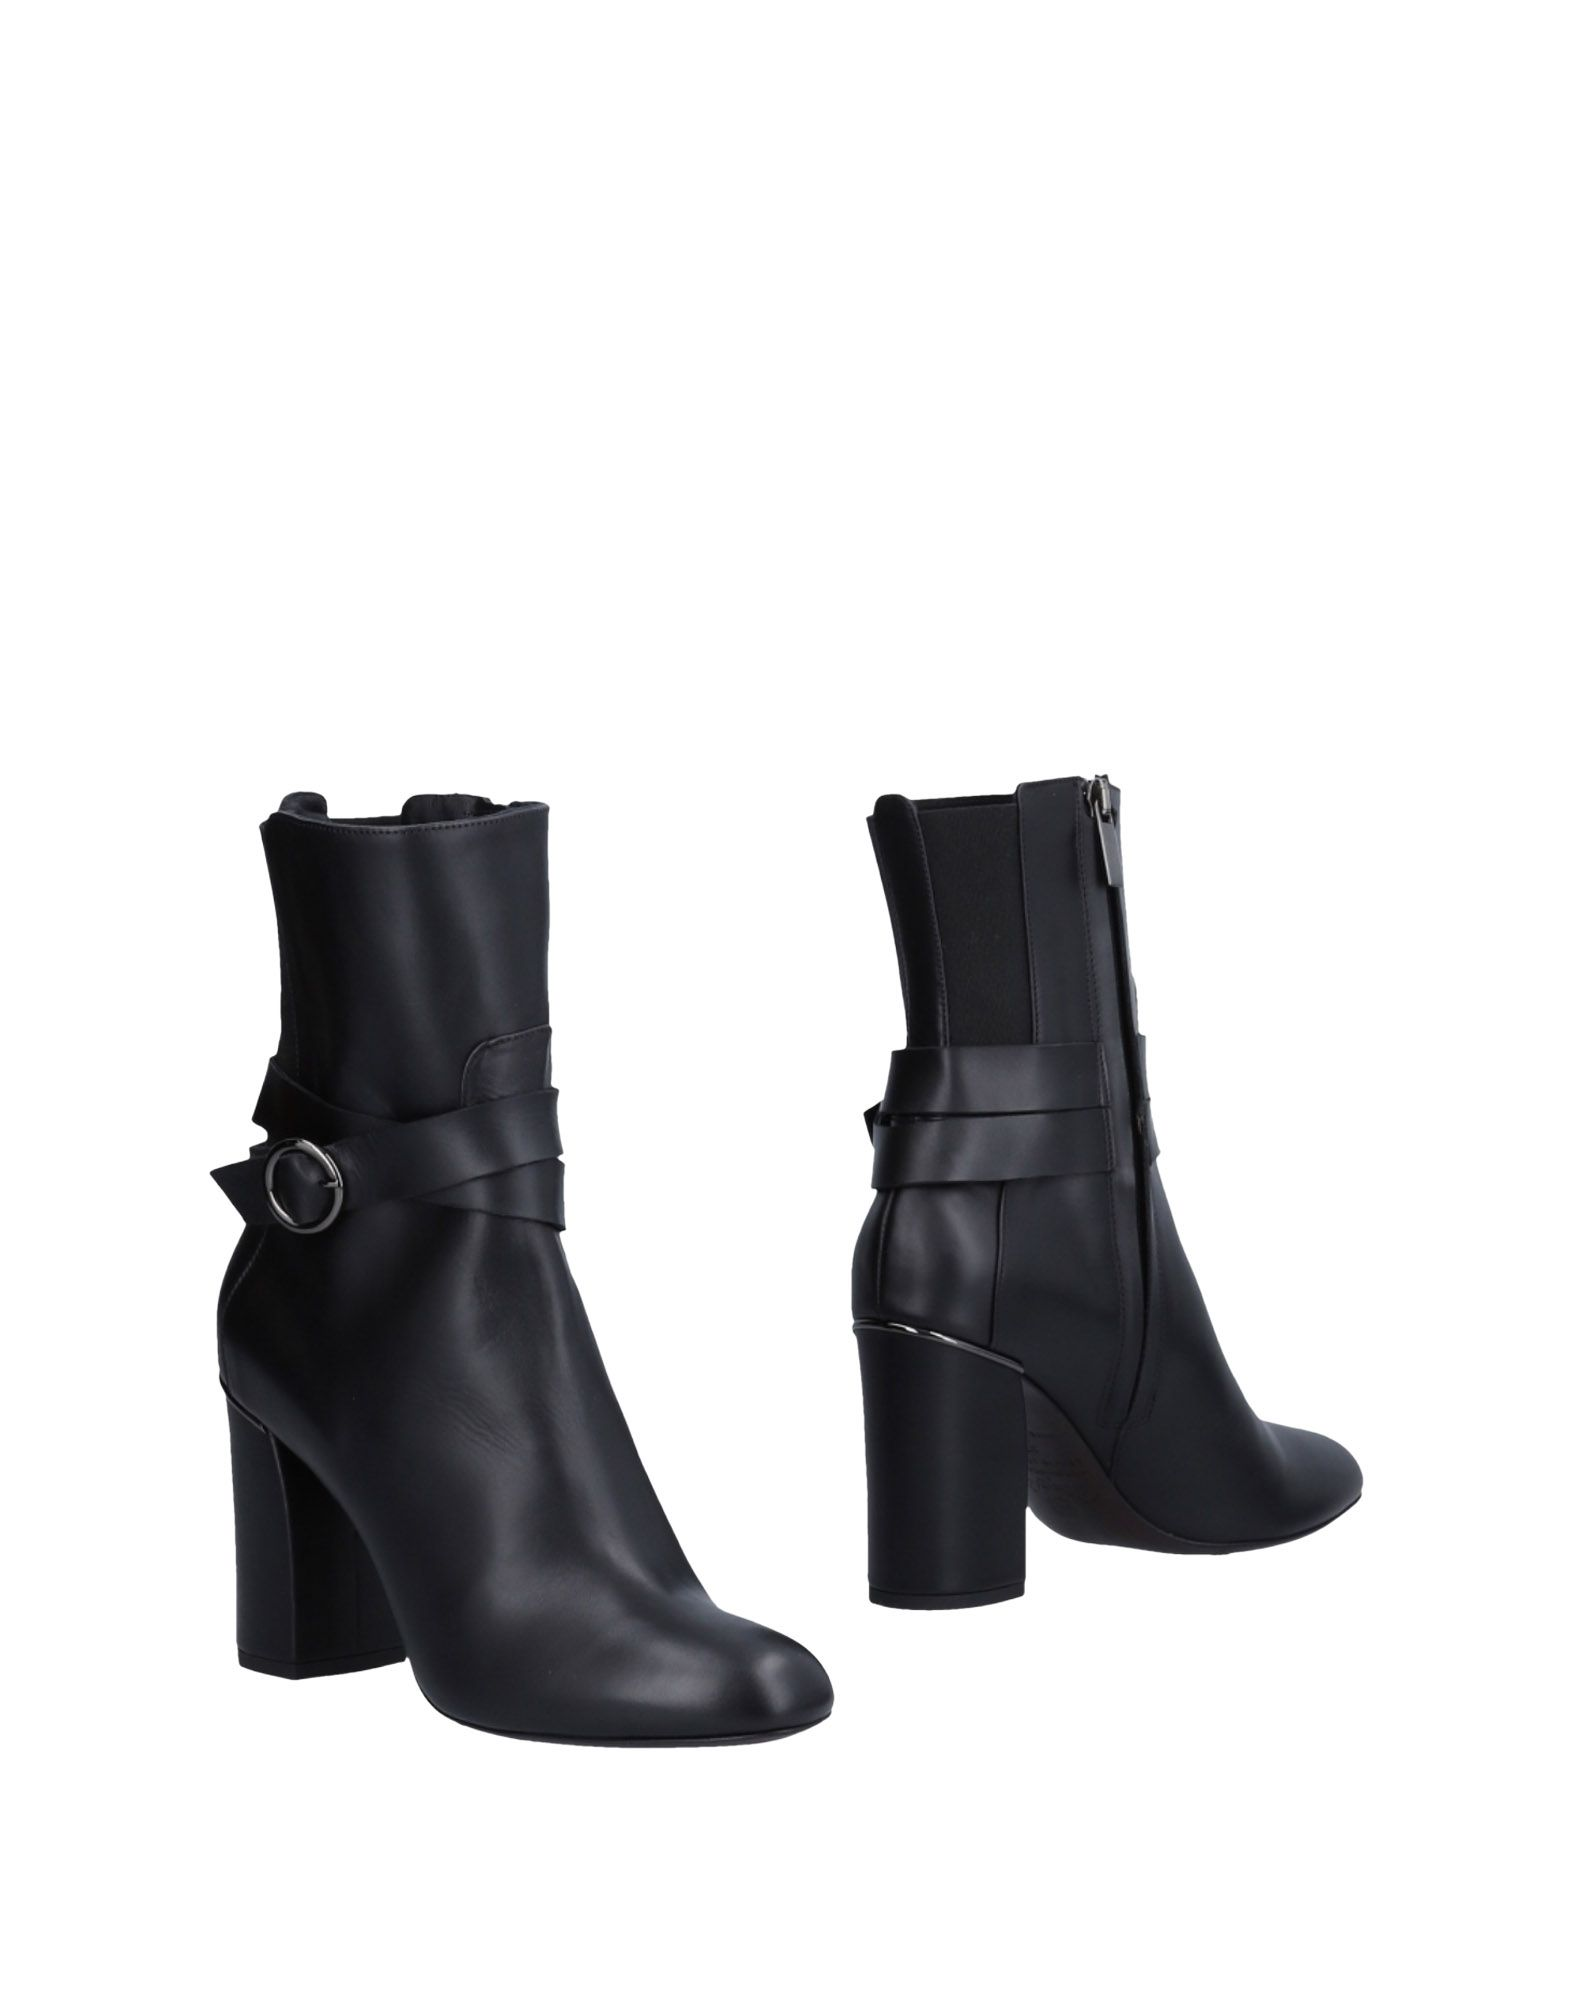 Sneakers Casadei Donna - 11323143SP Scarpe economiche e buone